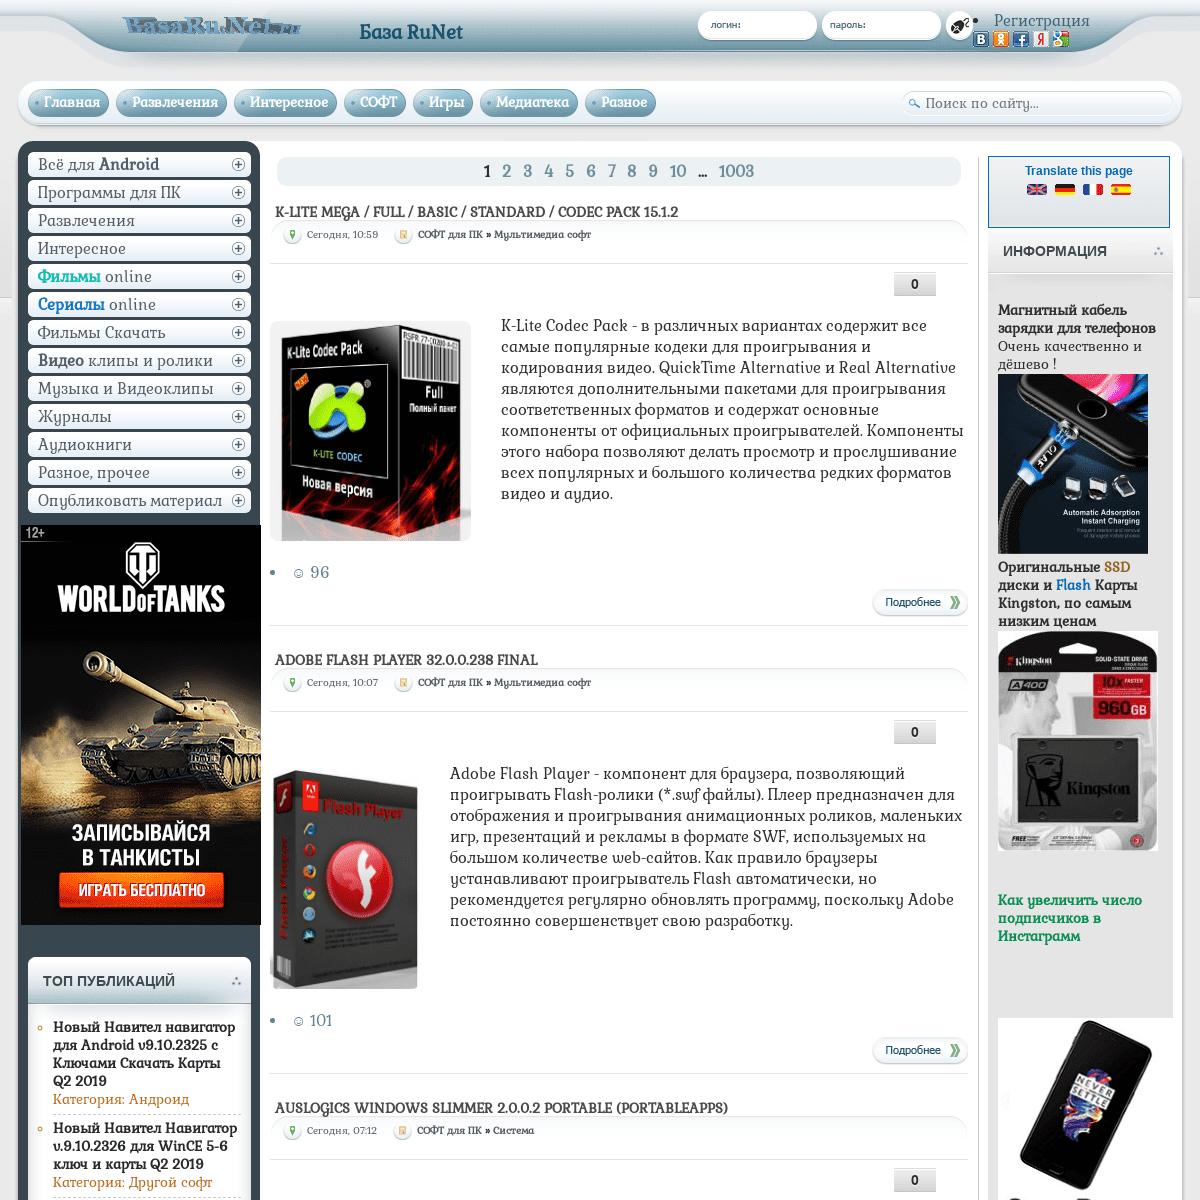 База РуНет - Информационно - развлекательный портал